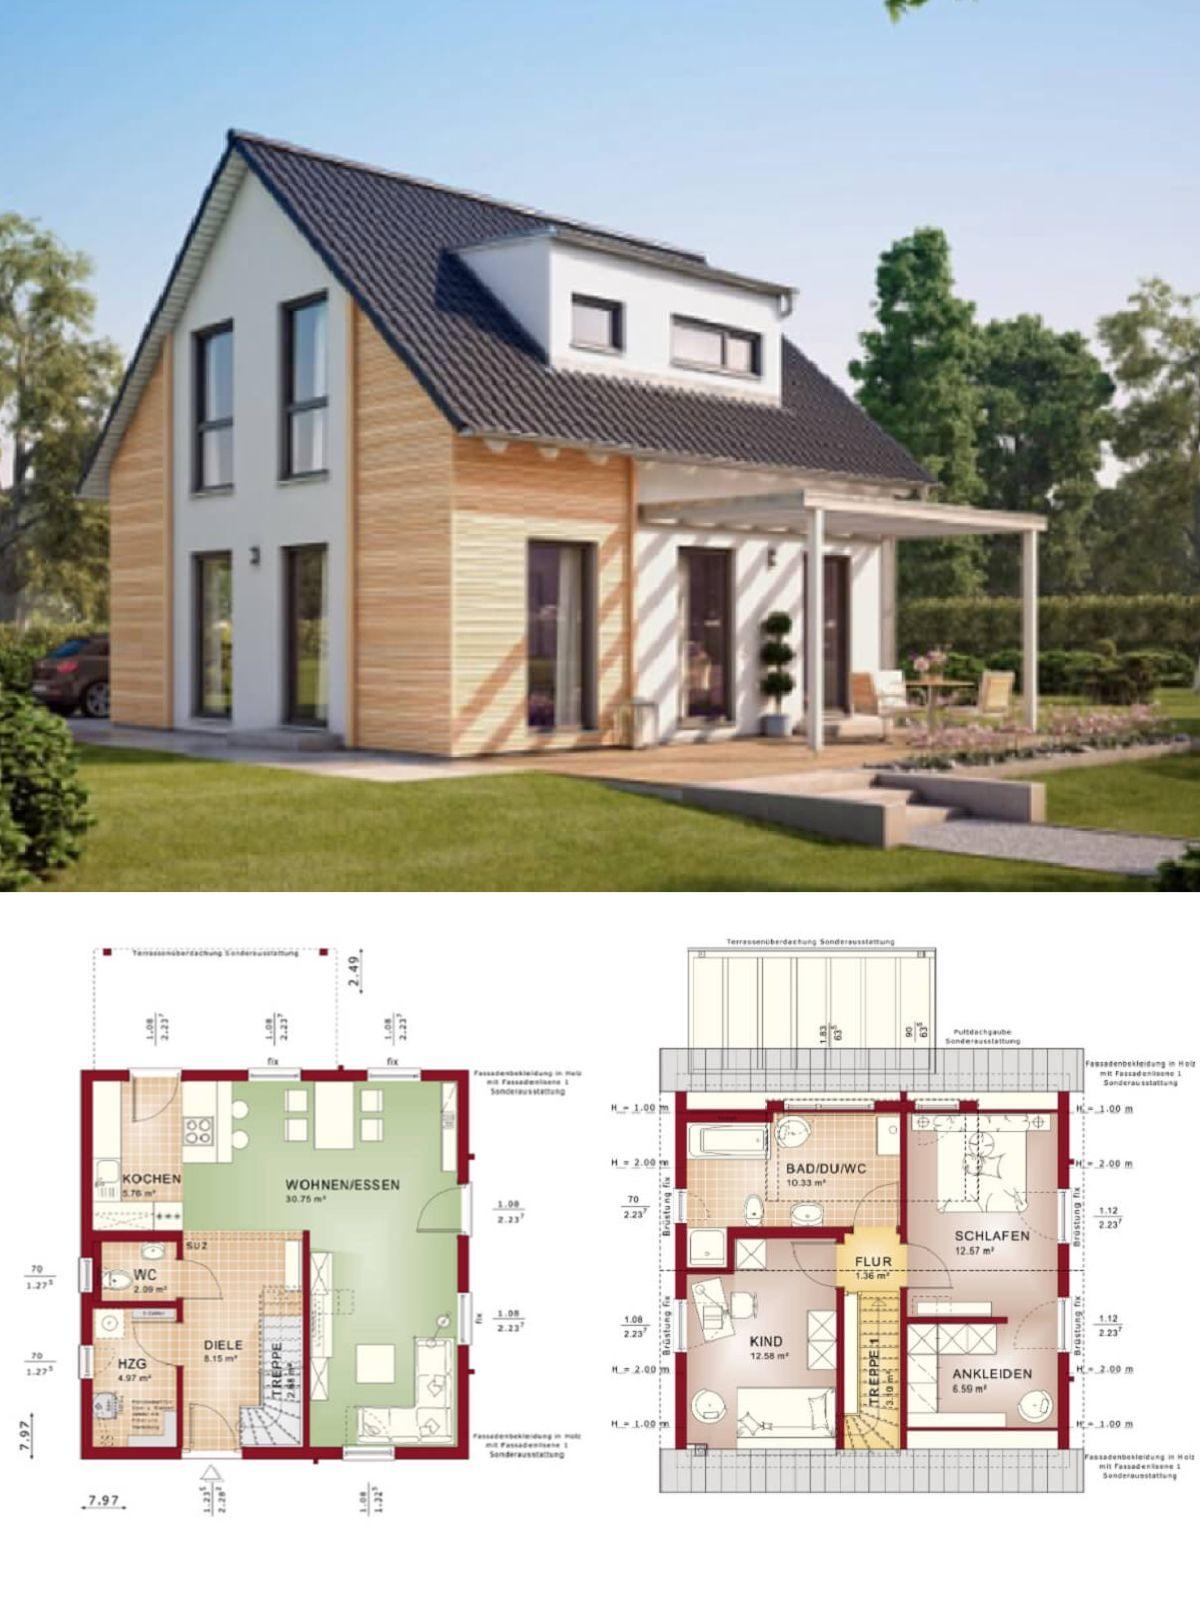 Fertighaus Mit Satteldach Architektur Holzfassade Grundriss Einfamilienhaus Solution 106 V3 Living Haus Ideen